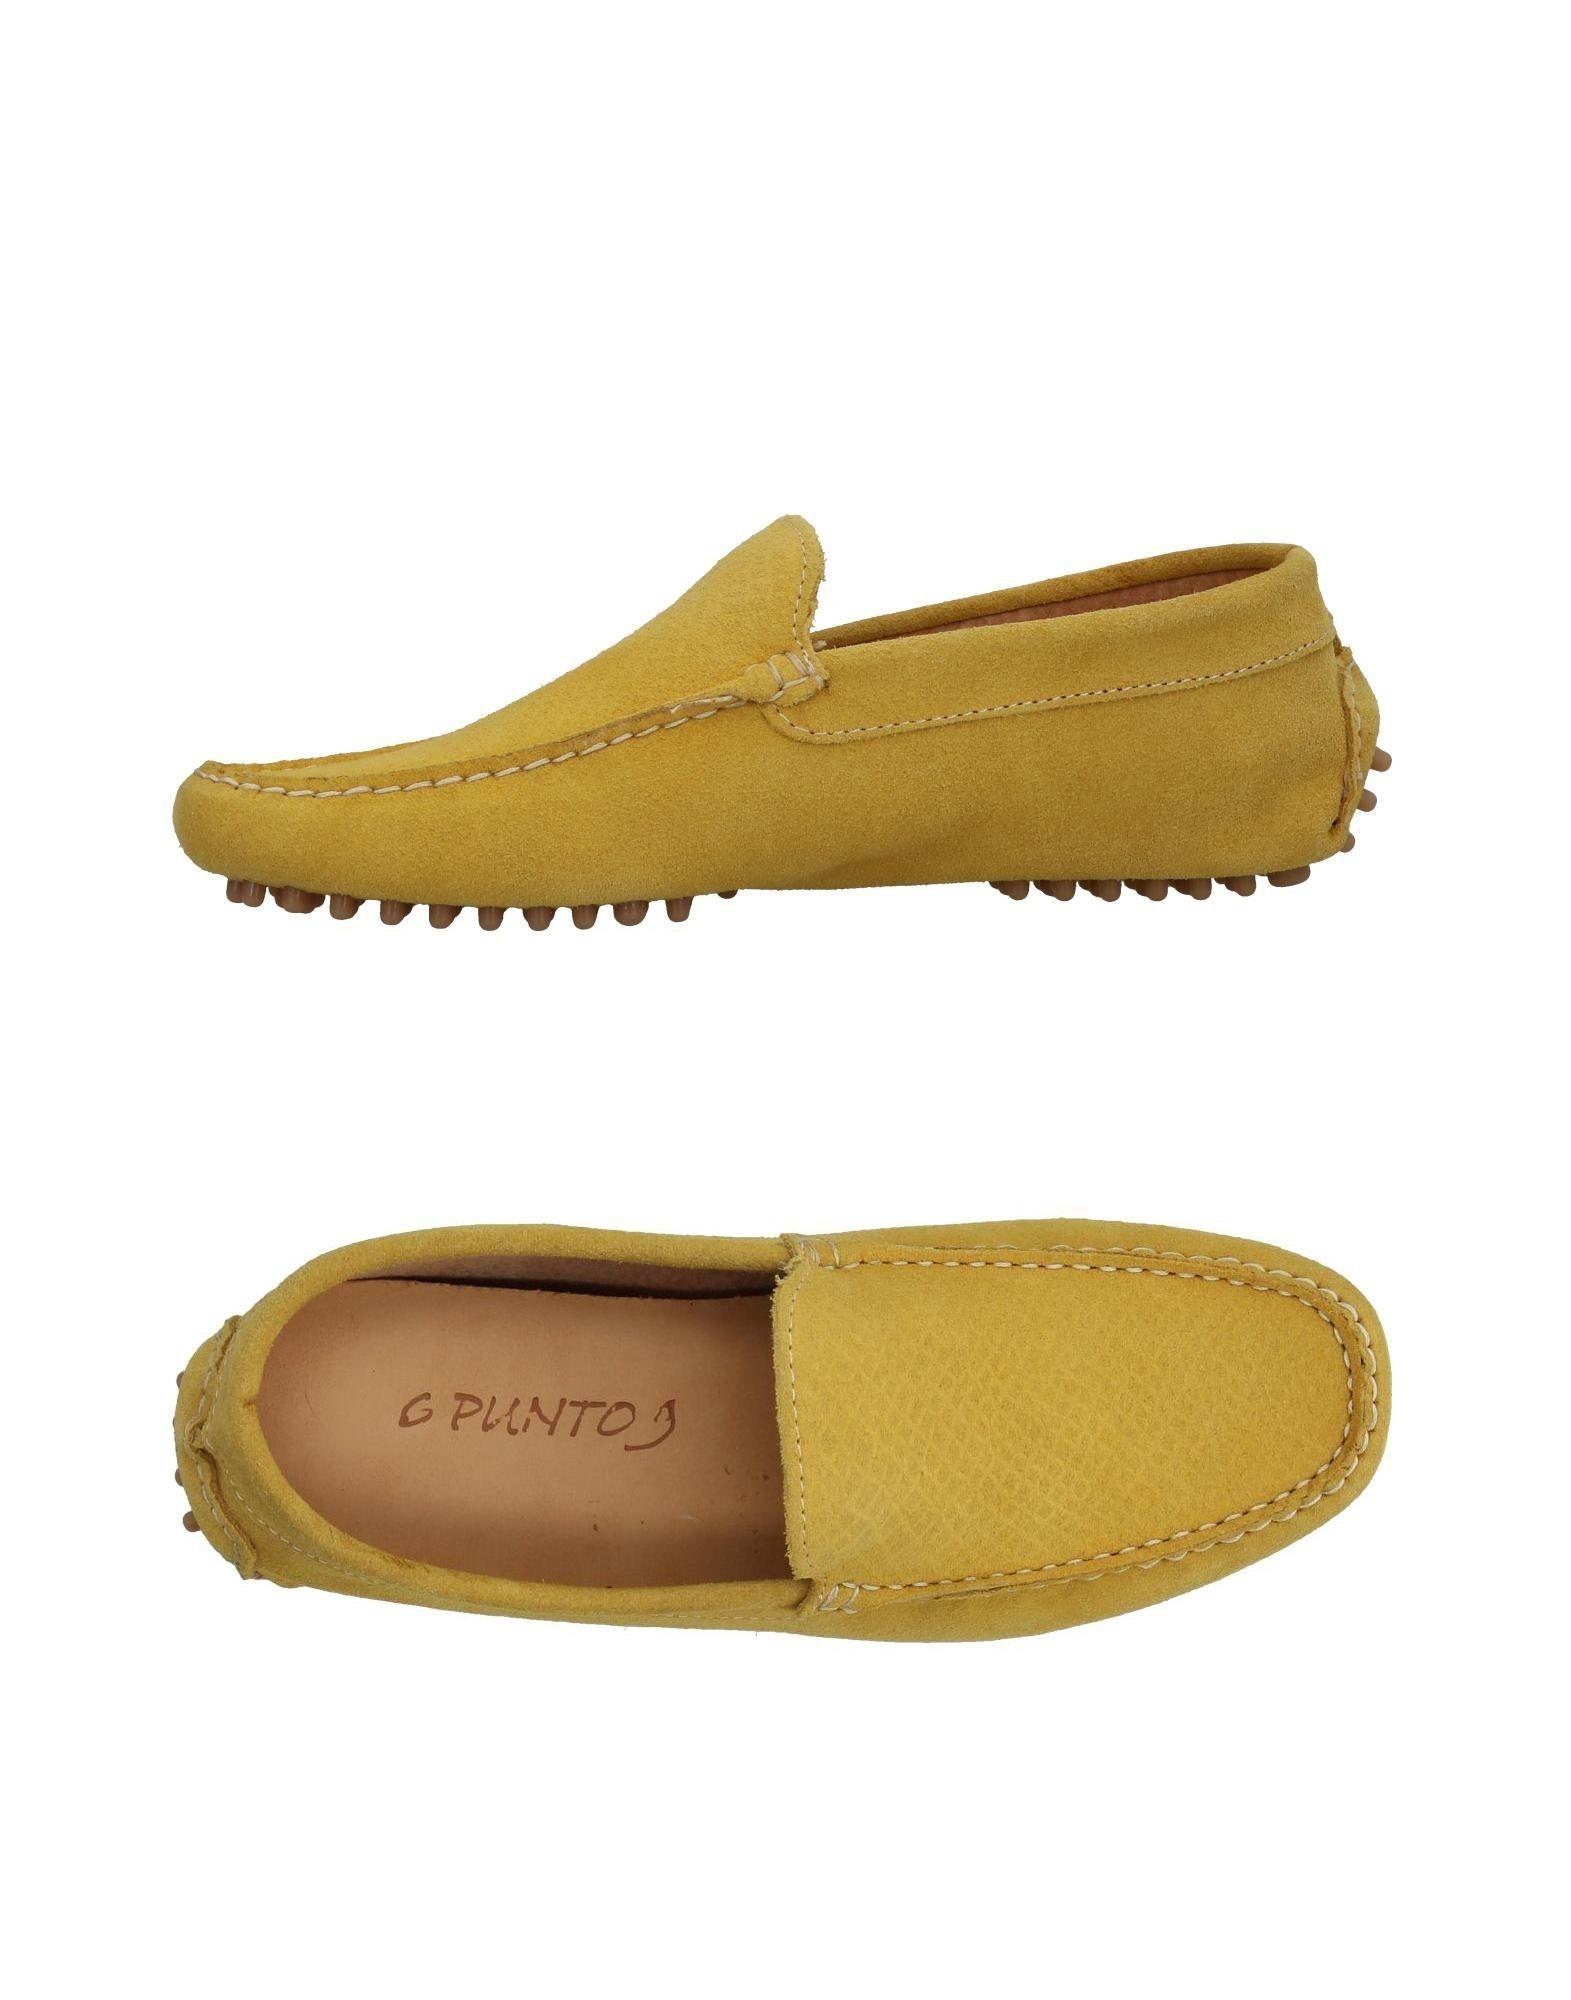 Rabatt echte Schuhe 6 Punto 9 Mokassins Herren  11377209QW